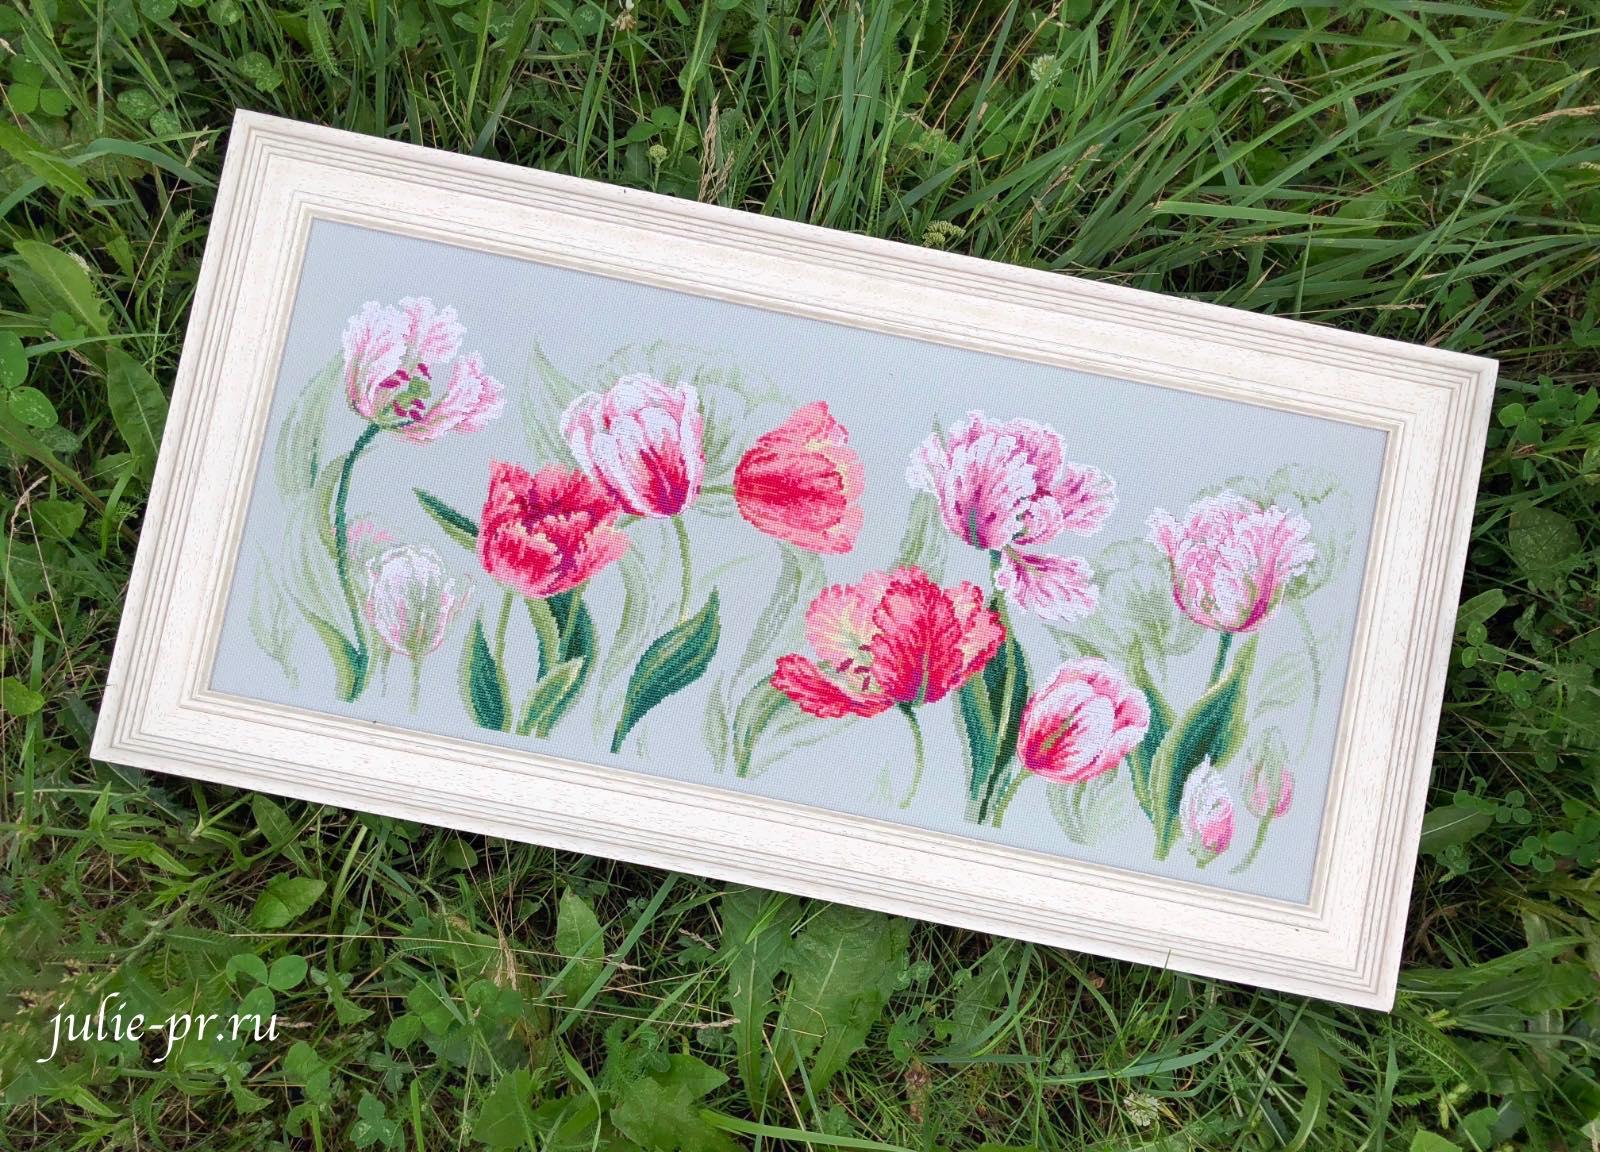 Вышивка крестом, Riolis Premium, 100/052, Весенние тюльпаны, Риолис